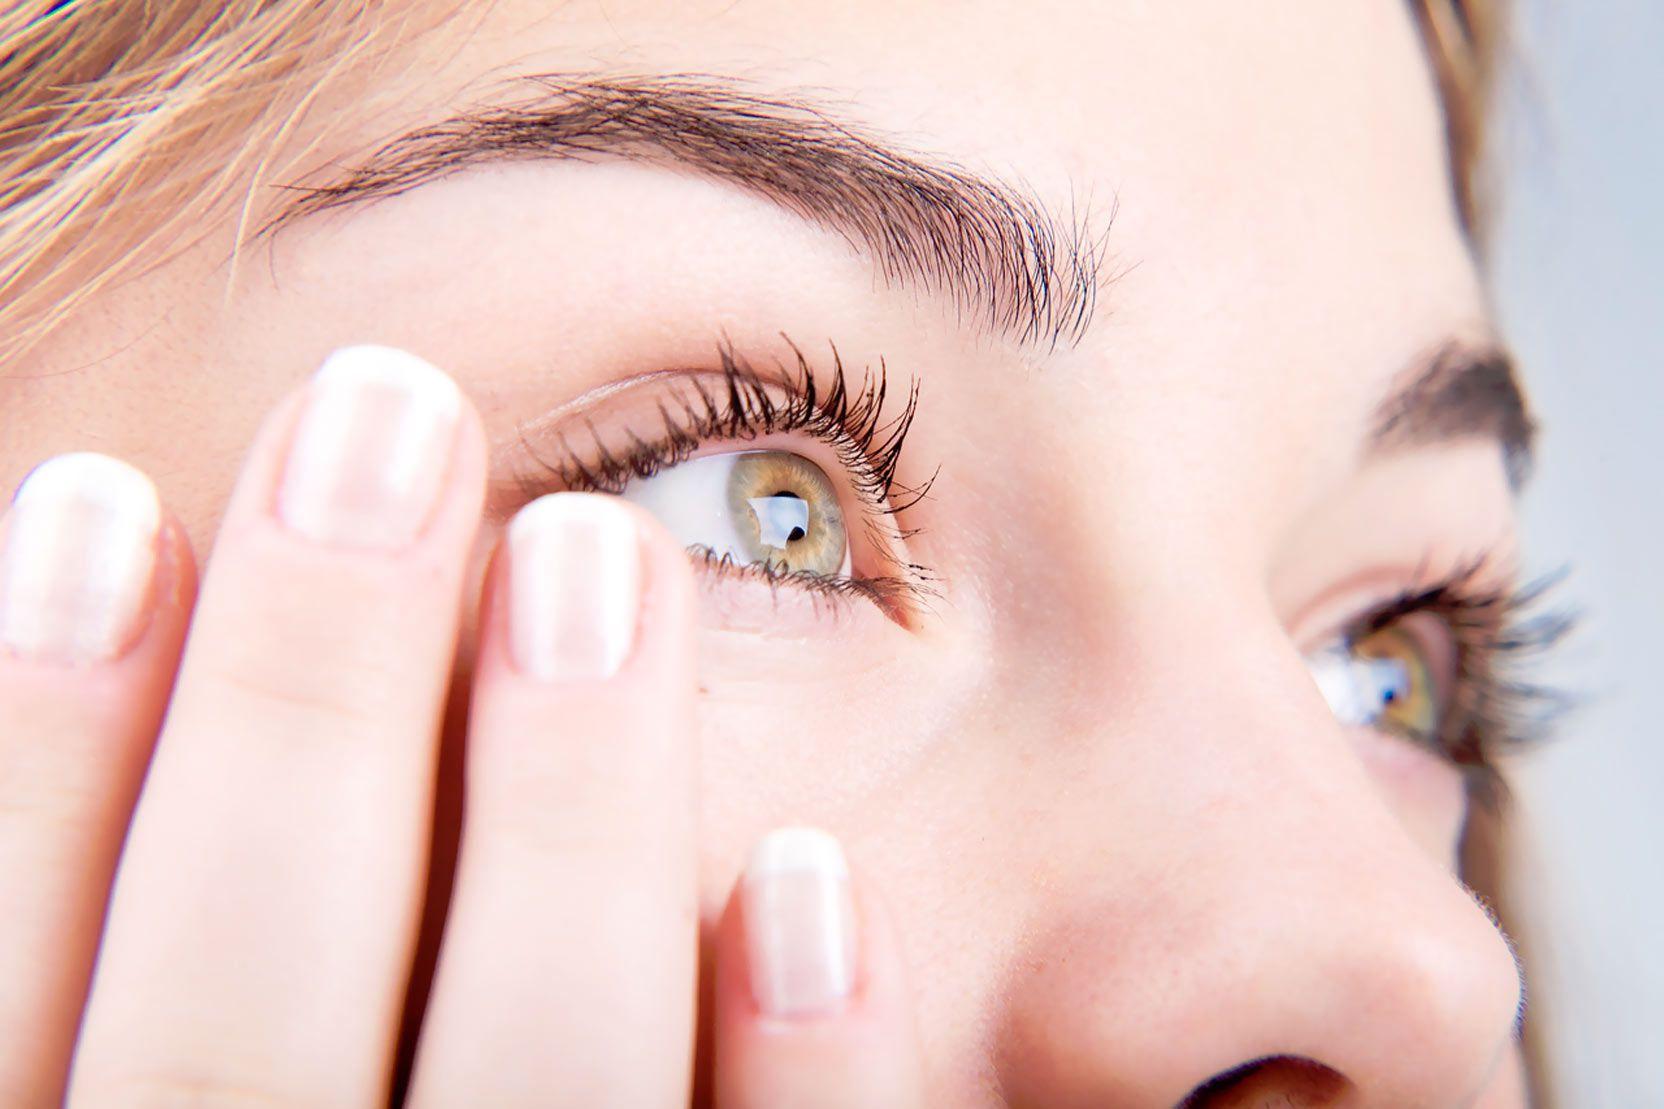 Помутнение зрения - один из побочных эффектов